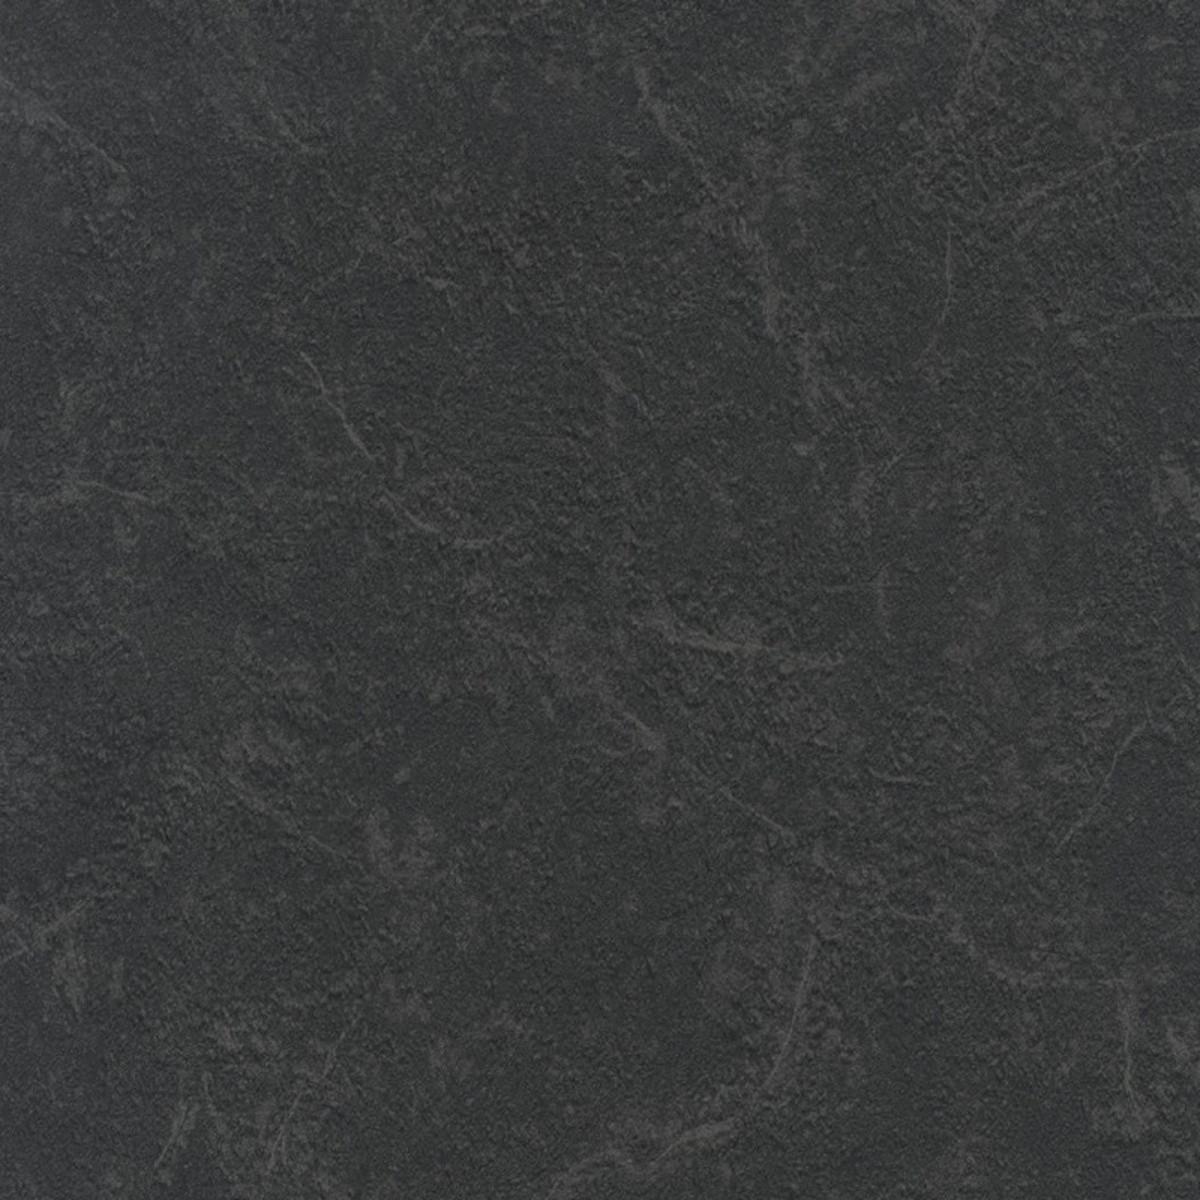 Флизелиновые обои Aura черные G56159 0.53 м